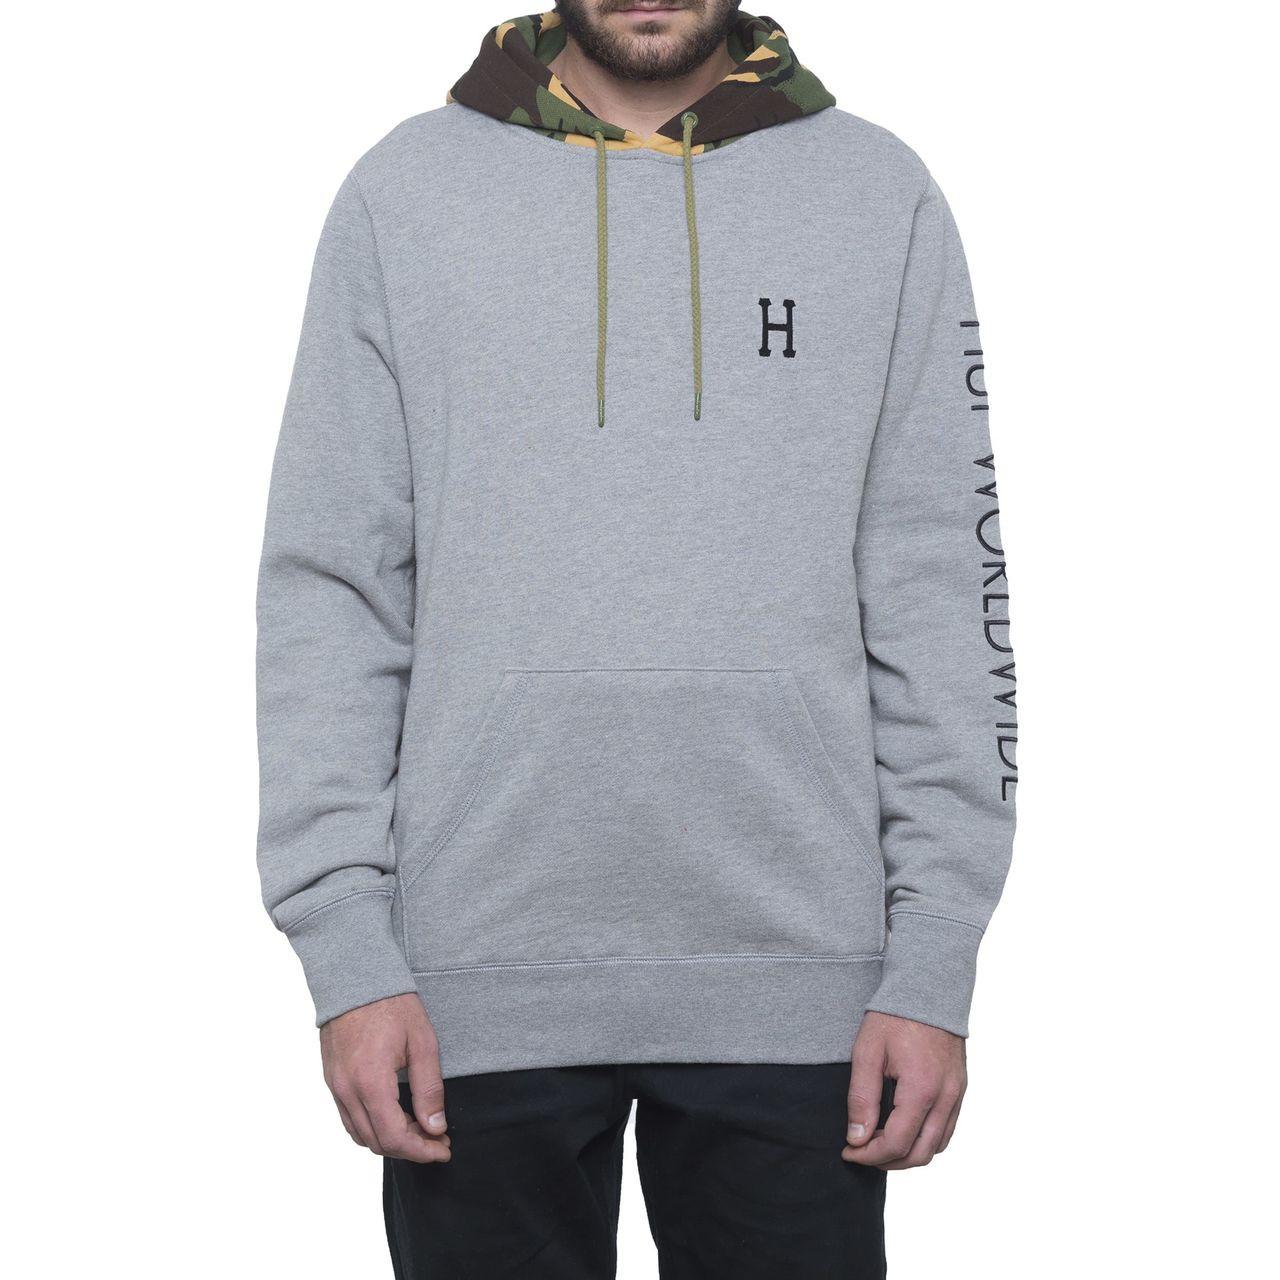 Promo-Codes neuer Stil von 2019 langlebig im einsatz HUF Voyage French Pullover Hoodie - Athletic Heather